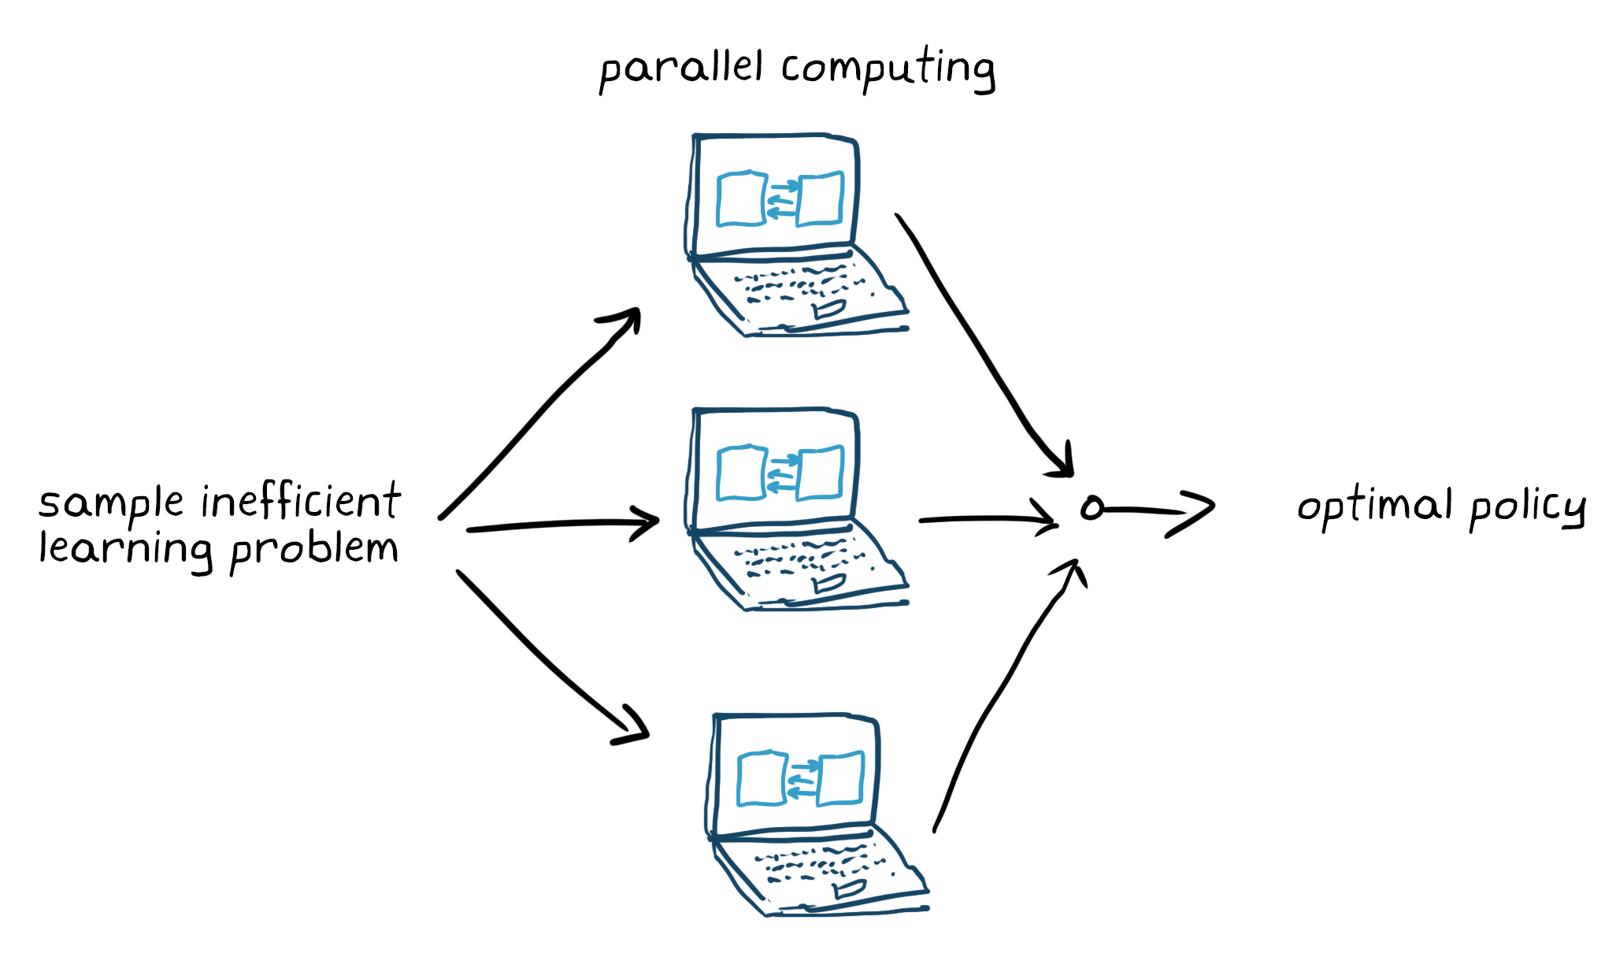 Figura 5. Entrenamiento de un problema de aprendizaje ineficiente con muestras mediante cálculo paralelo.